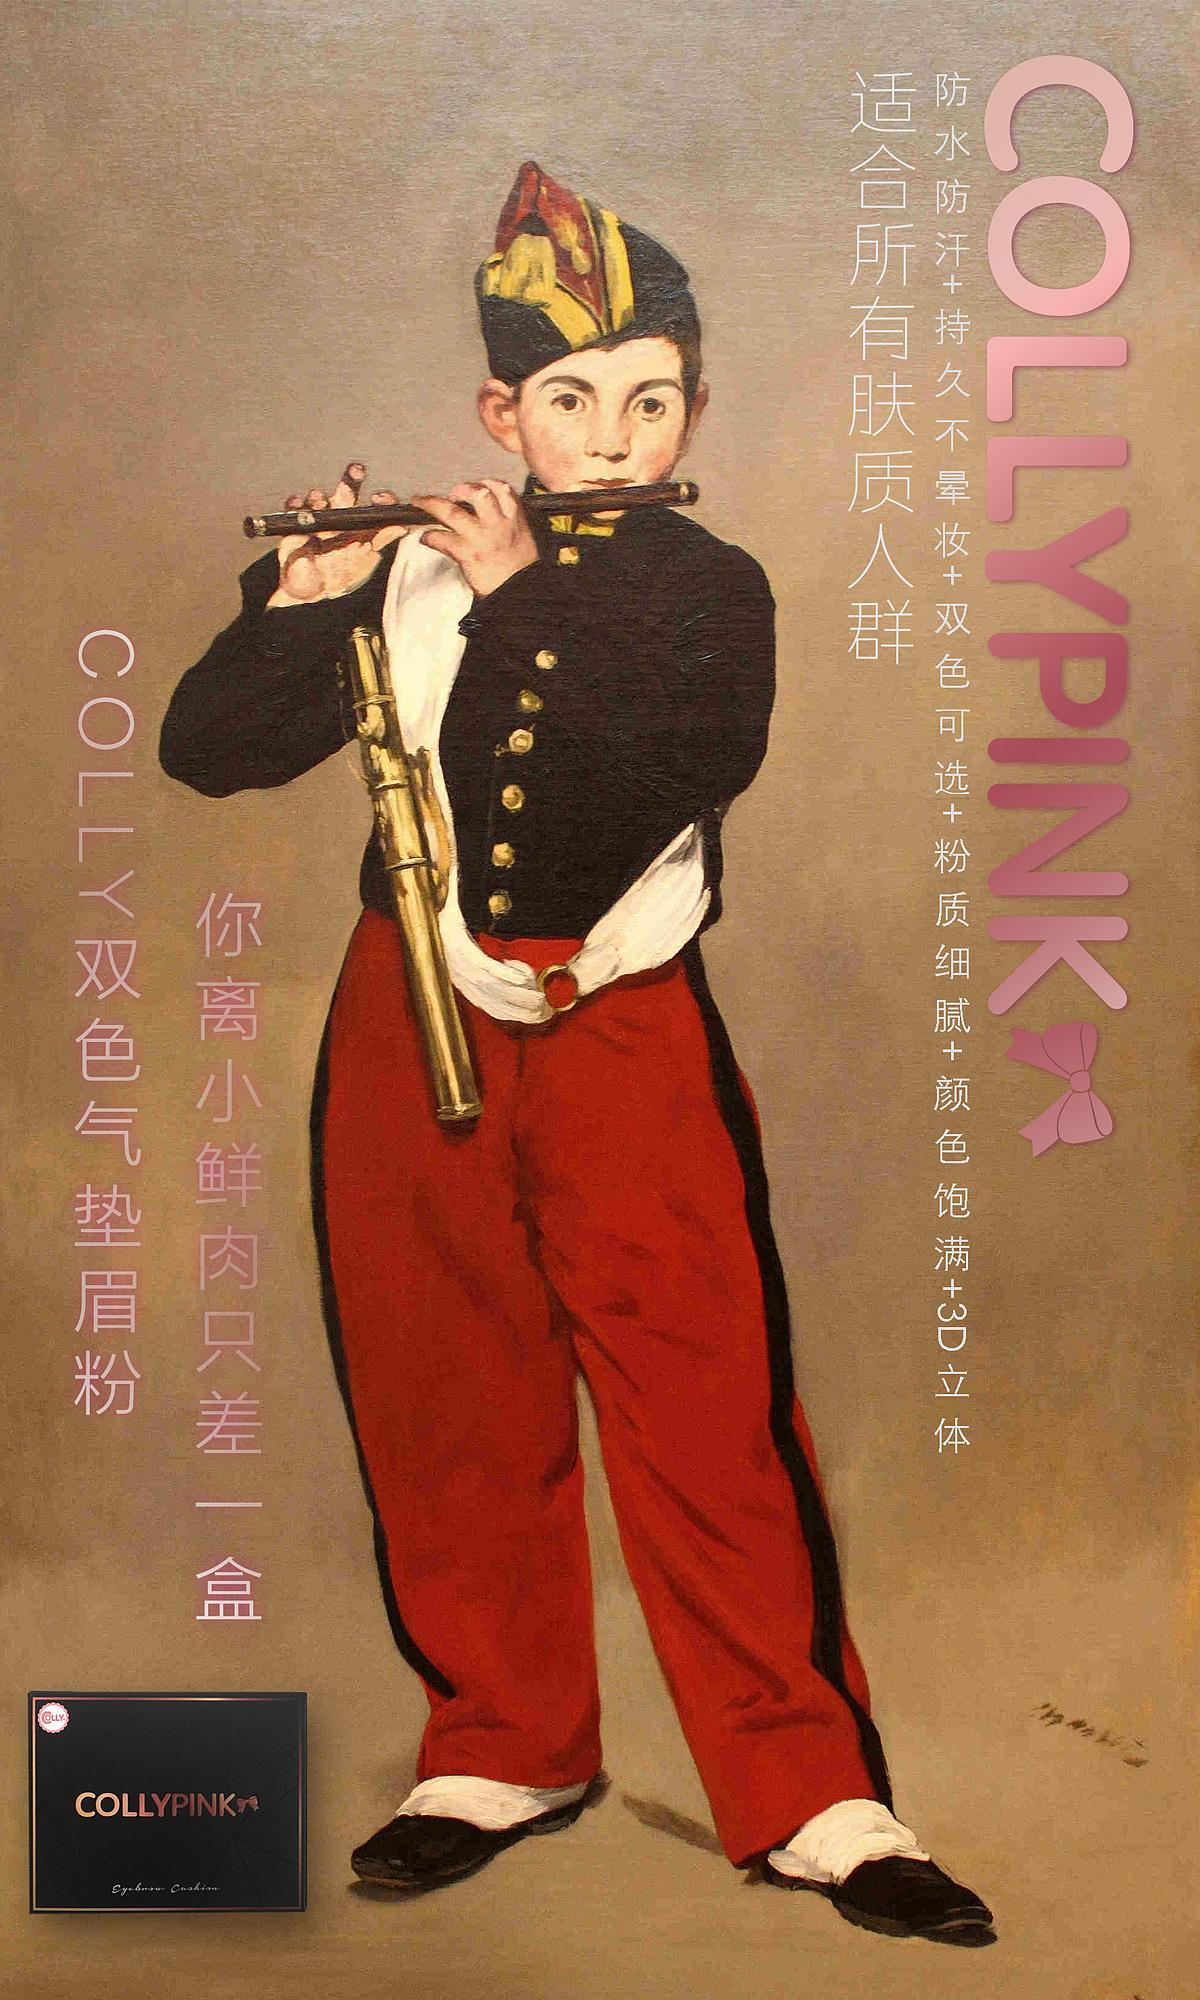 怎么吹笛子教程新手 怎么吹笛子出声音